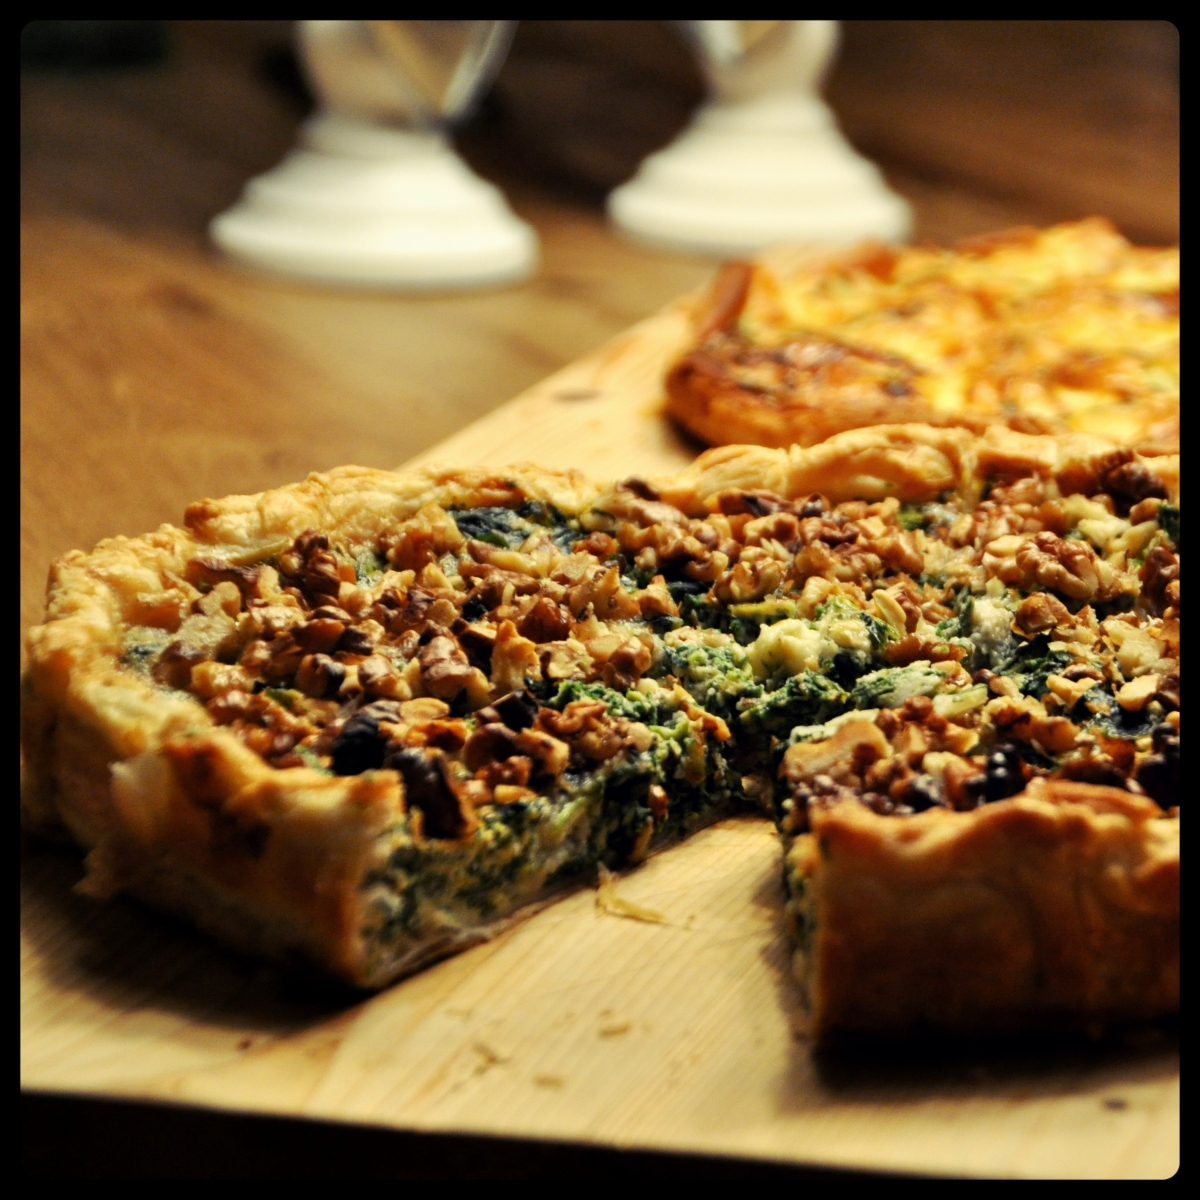 Geitenkaas spinazie quiche met geroosterde walnoten  u2013 DOLLY u0026#39;S DISH